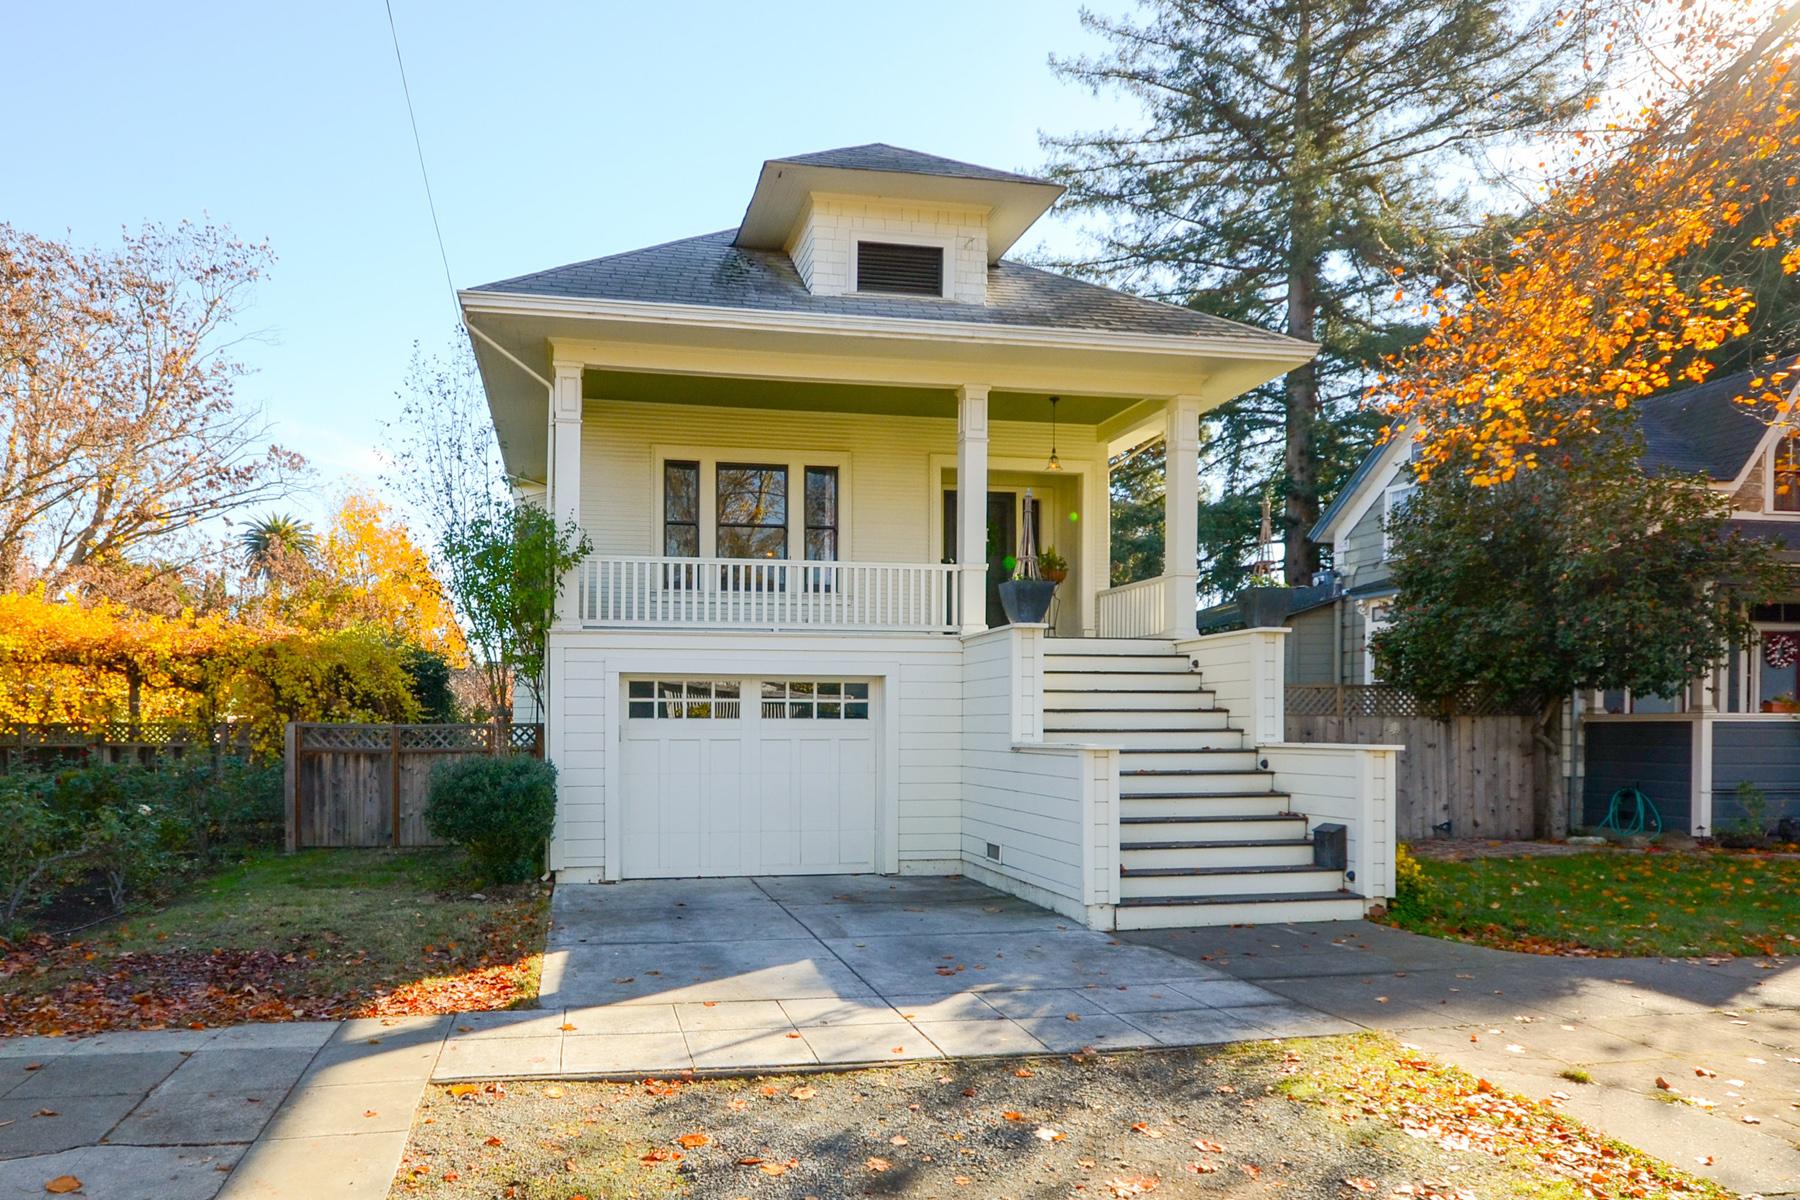 Tek Ailelik Ev için Satış at 466 Franklin St, Napa, CA 94559 466 Franklin St Napa, Kaliforniya 94559 Amerika Birleşik Devletleri